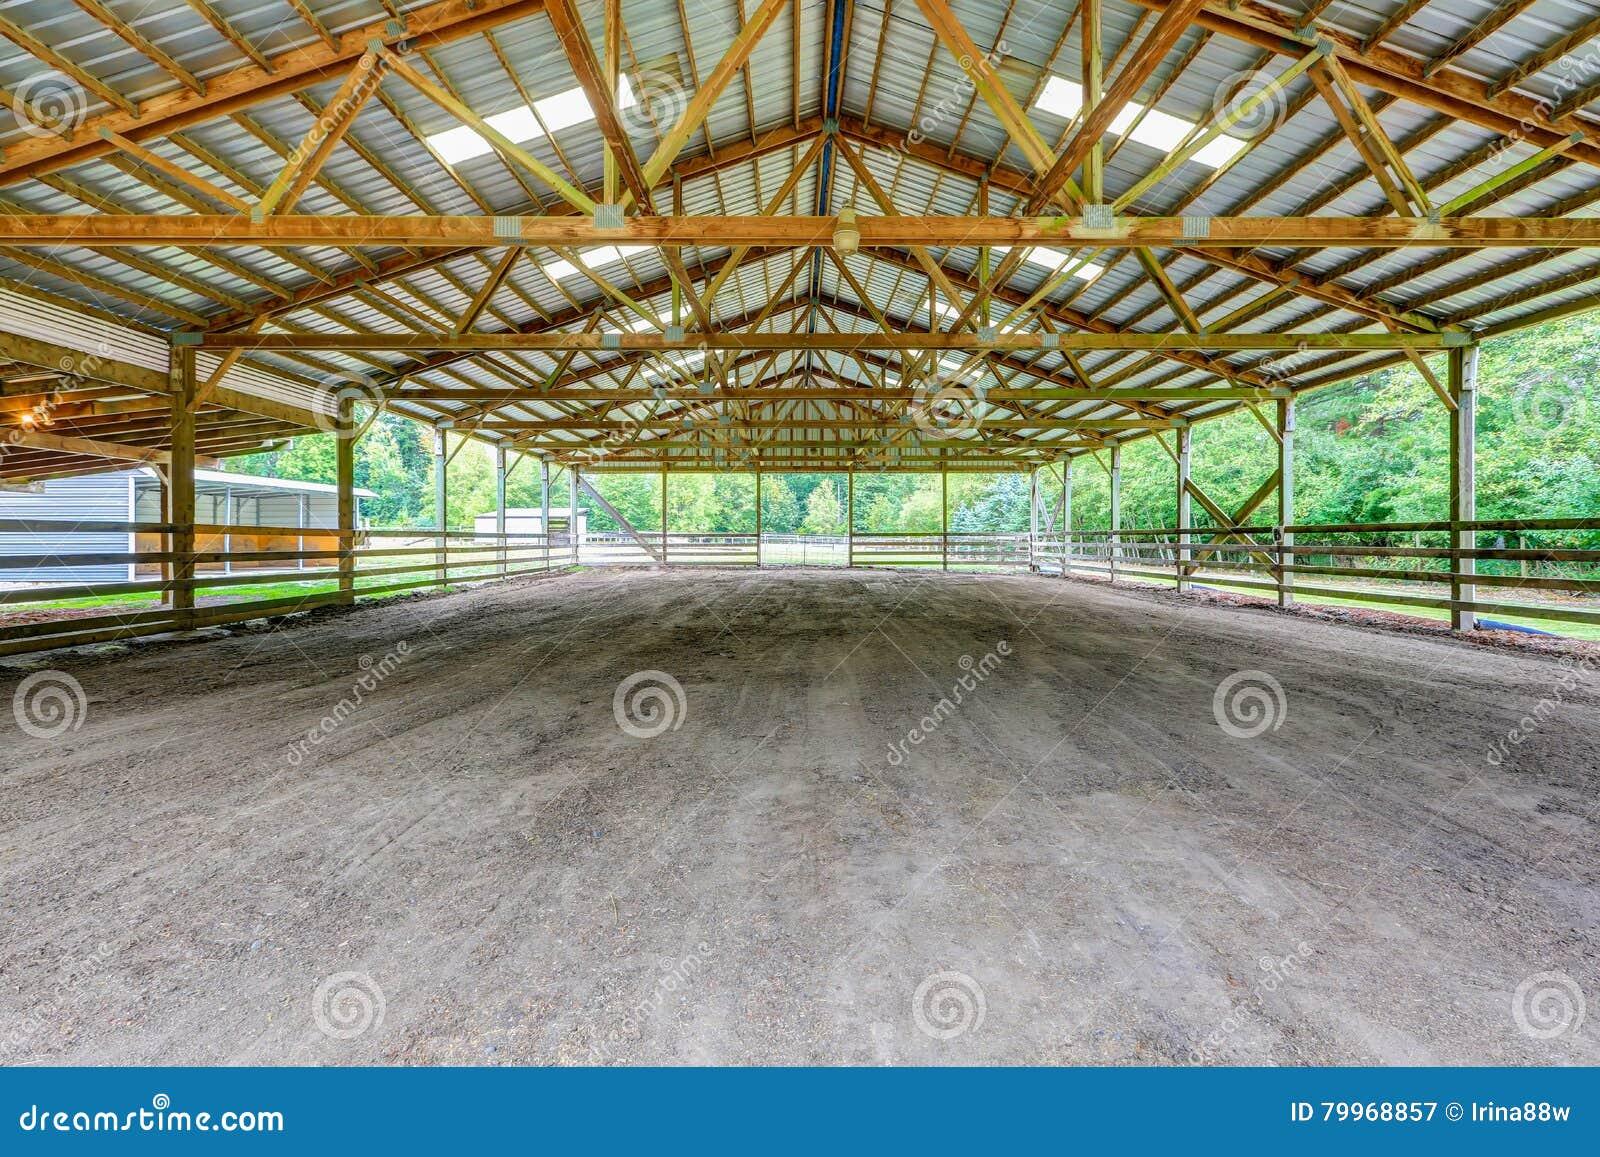 Pusty padok z schronieniem w końskim gospodarstwie rolnym